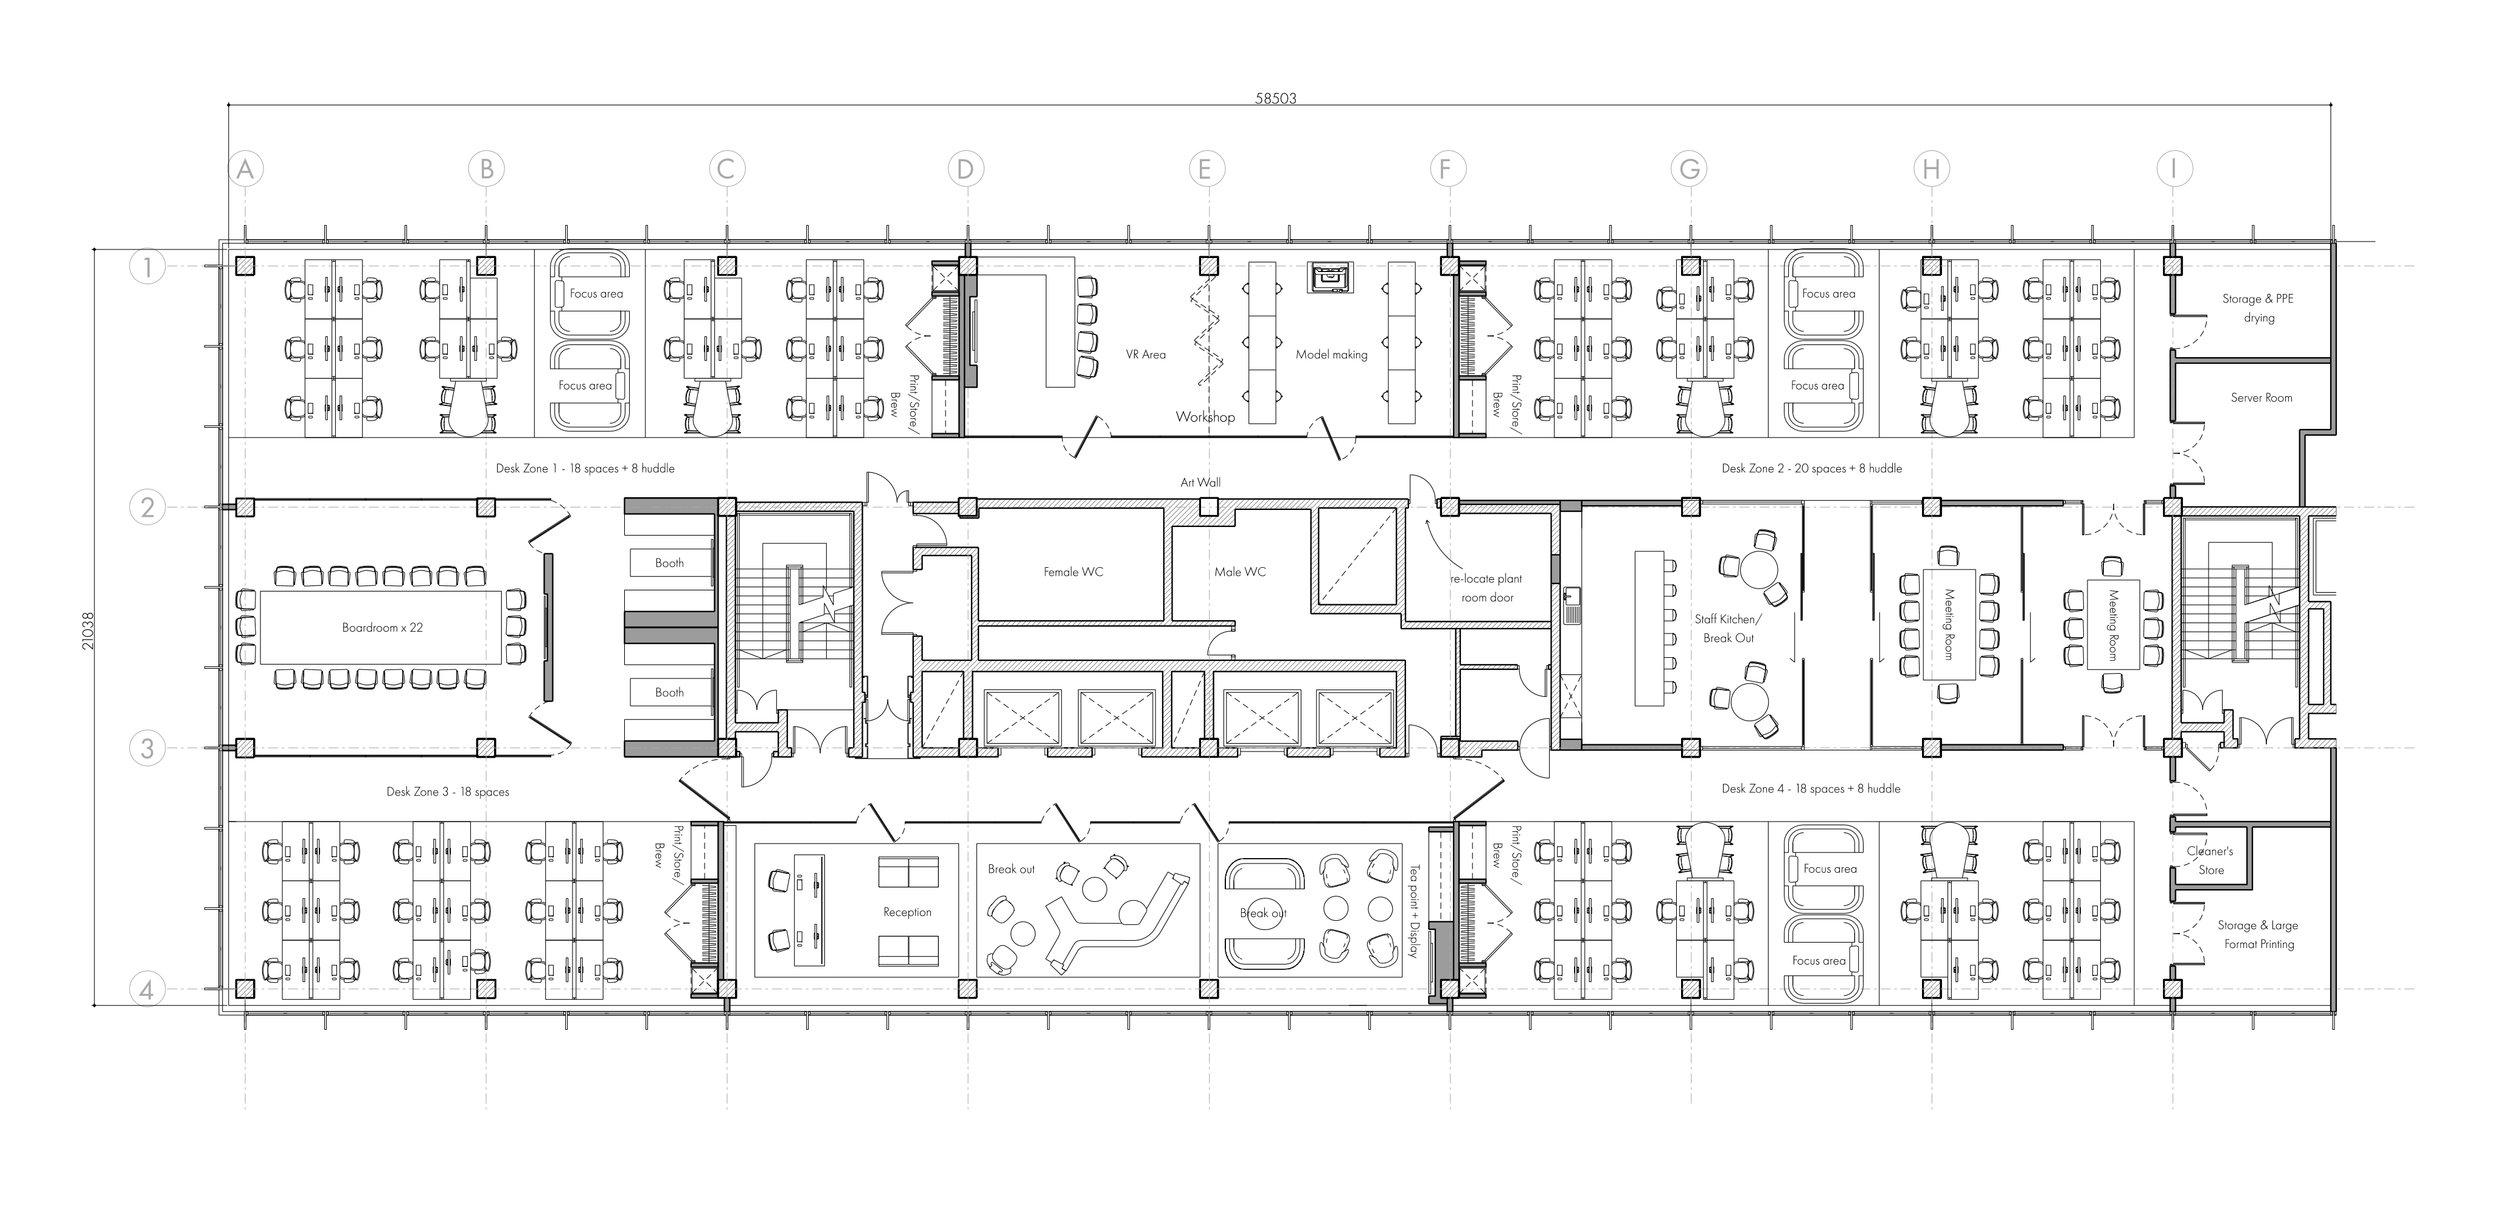 RBA_275_(2-)_A101_Proposed Floor Plan.jpg